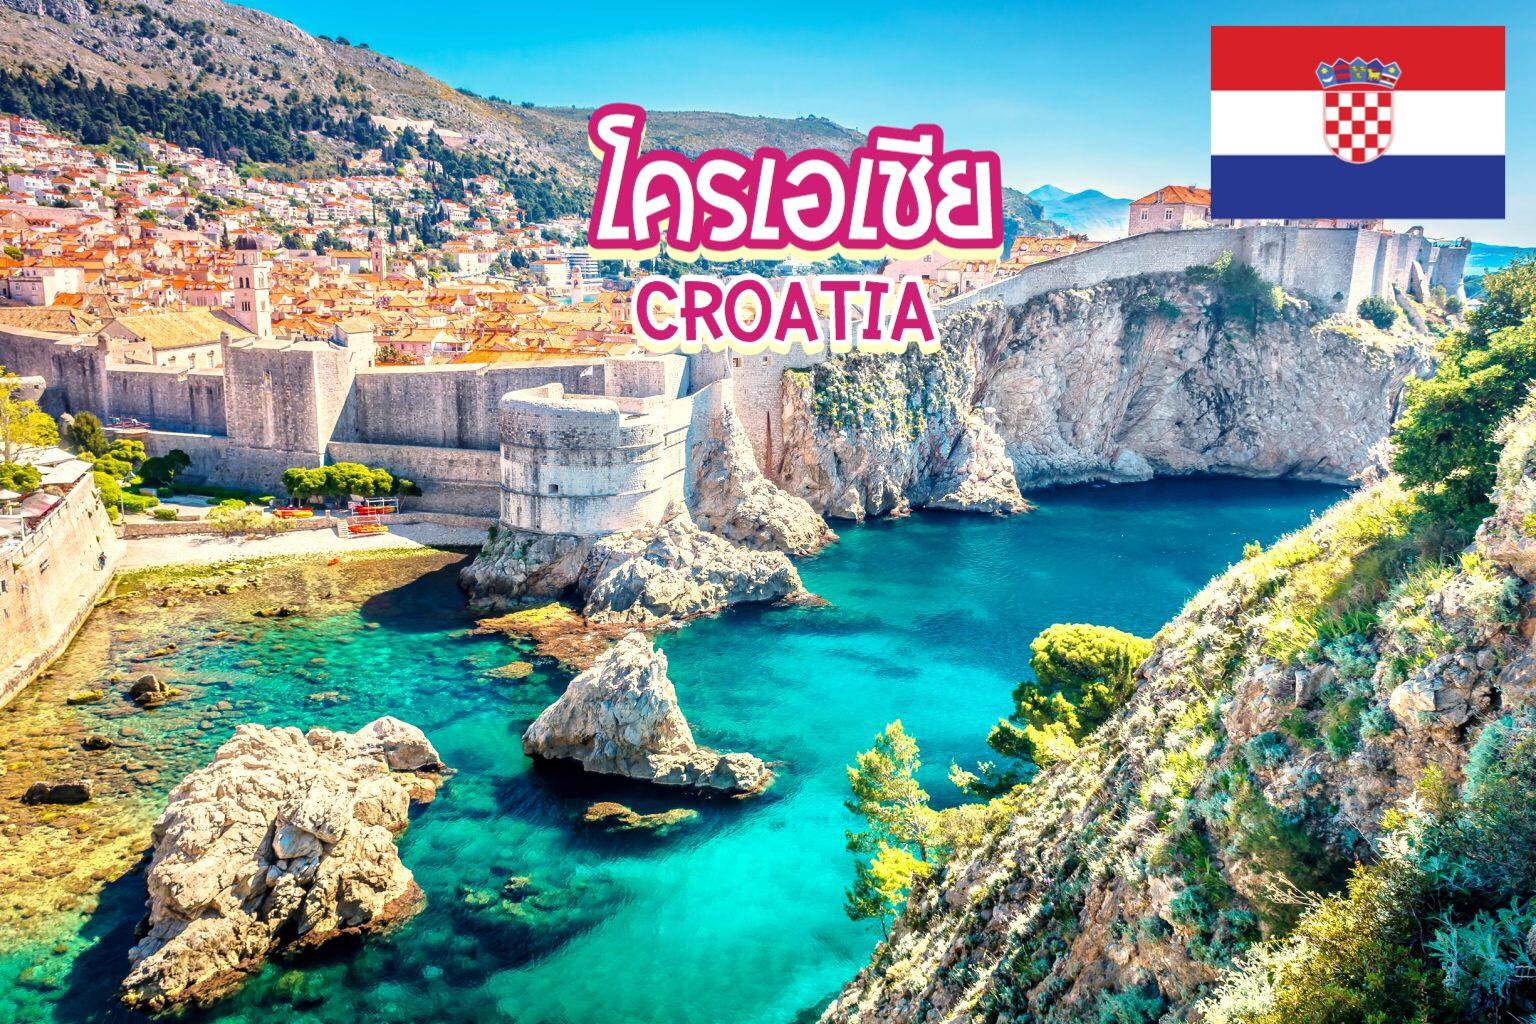 10 สุดยอดสถานที่ท่องเที่ยวในโครเอเชีย Croatia